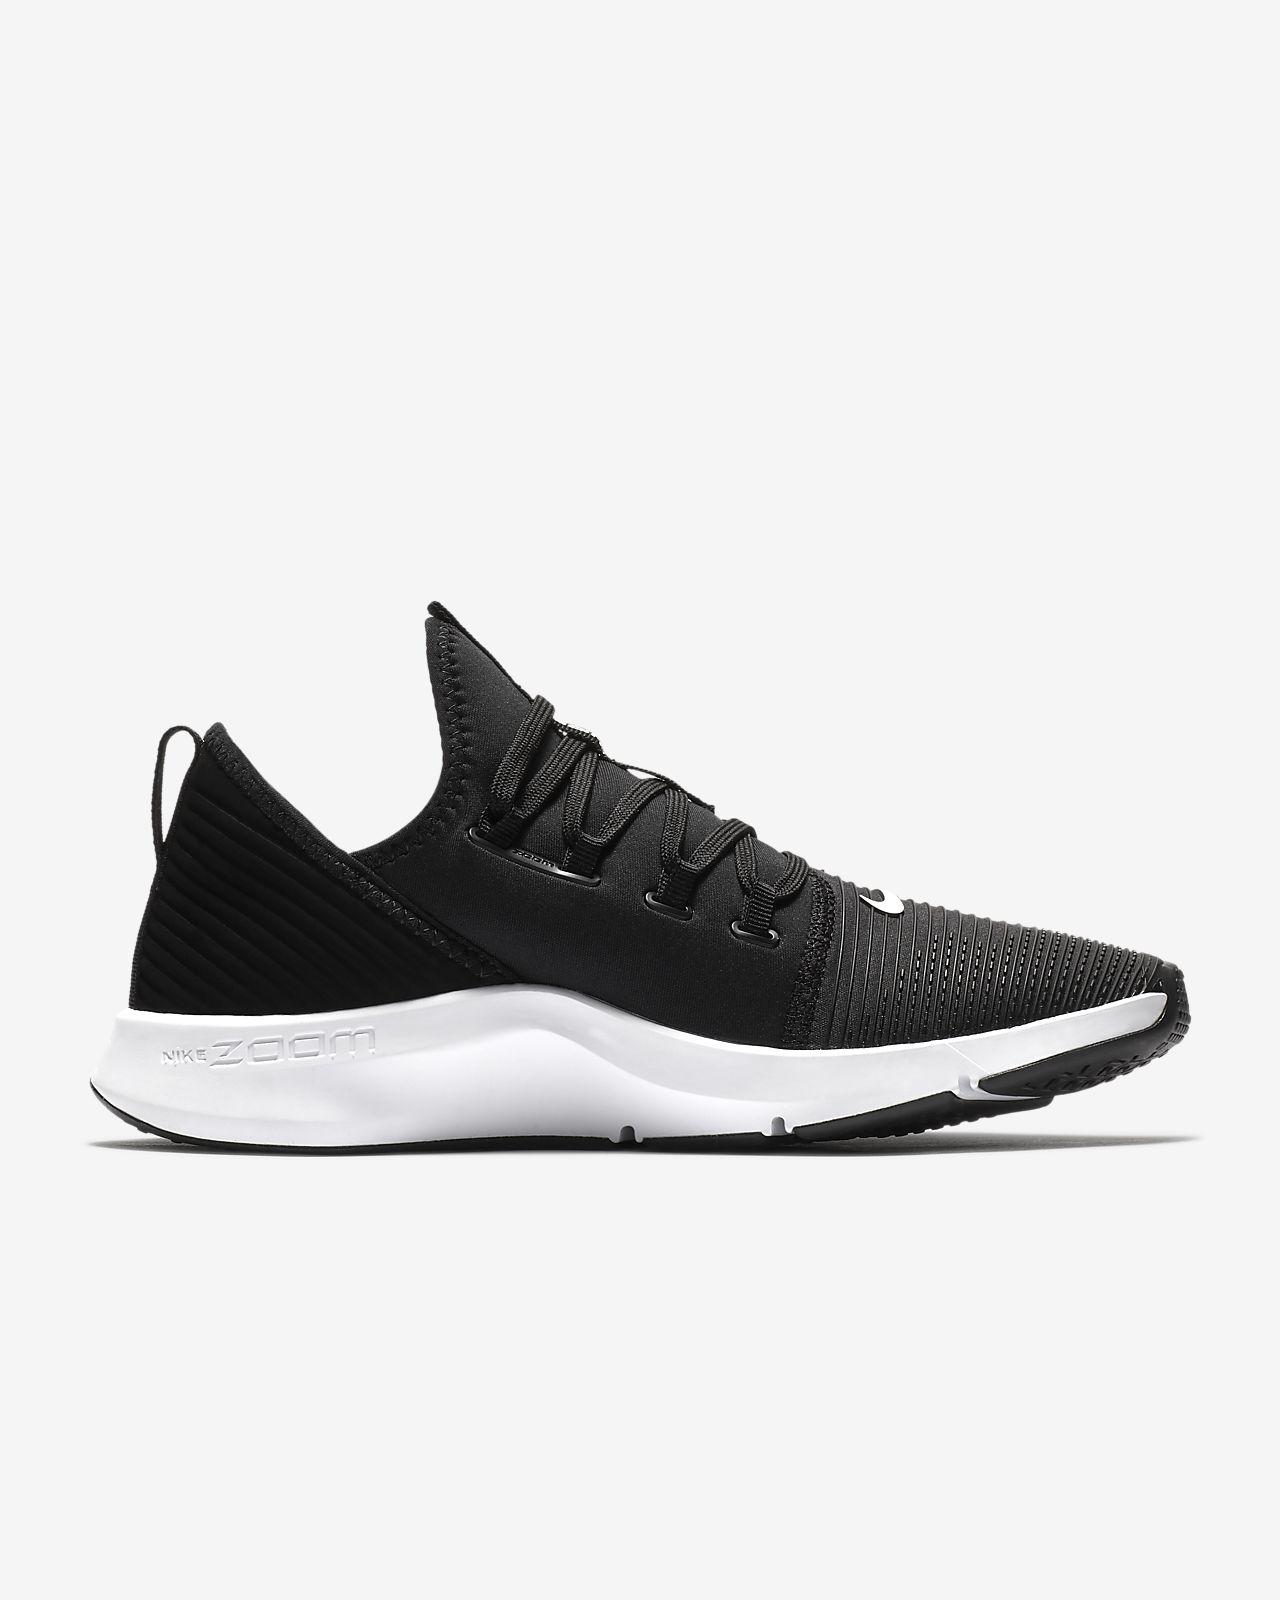 lowest price 298bf 06515 Nike Air Zoom Elevate-trænings-/boksesko til kvinder. Nike.com DK